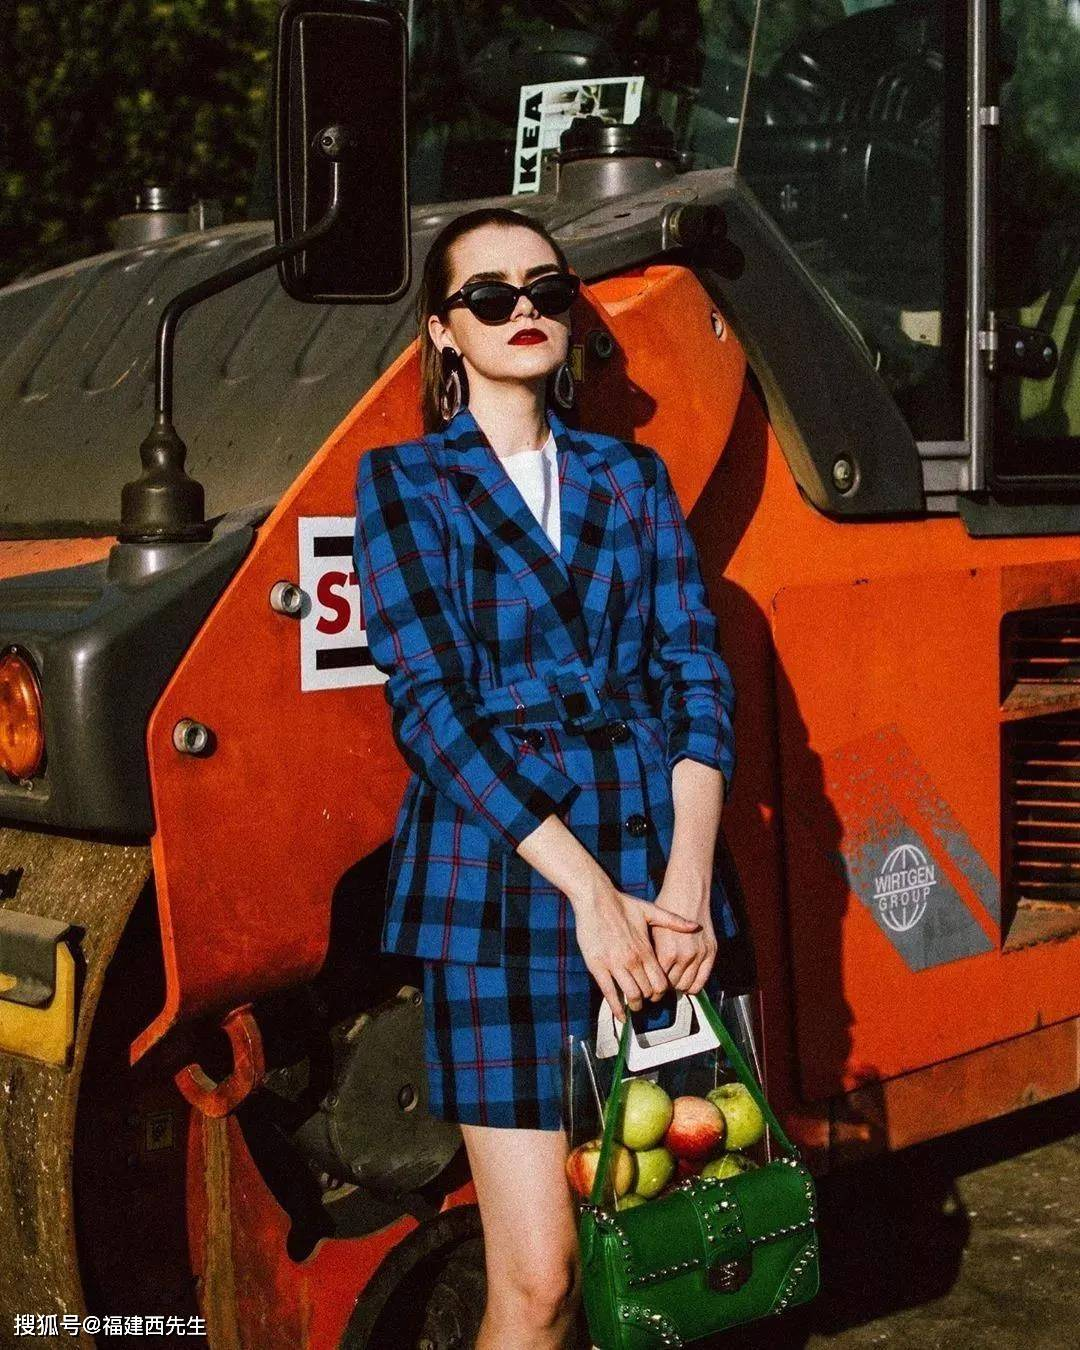 福州Mr.C西先生西服定制——女装|套装的高级感,零难度就能get的时尚